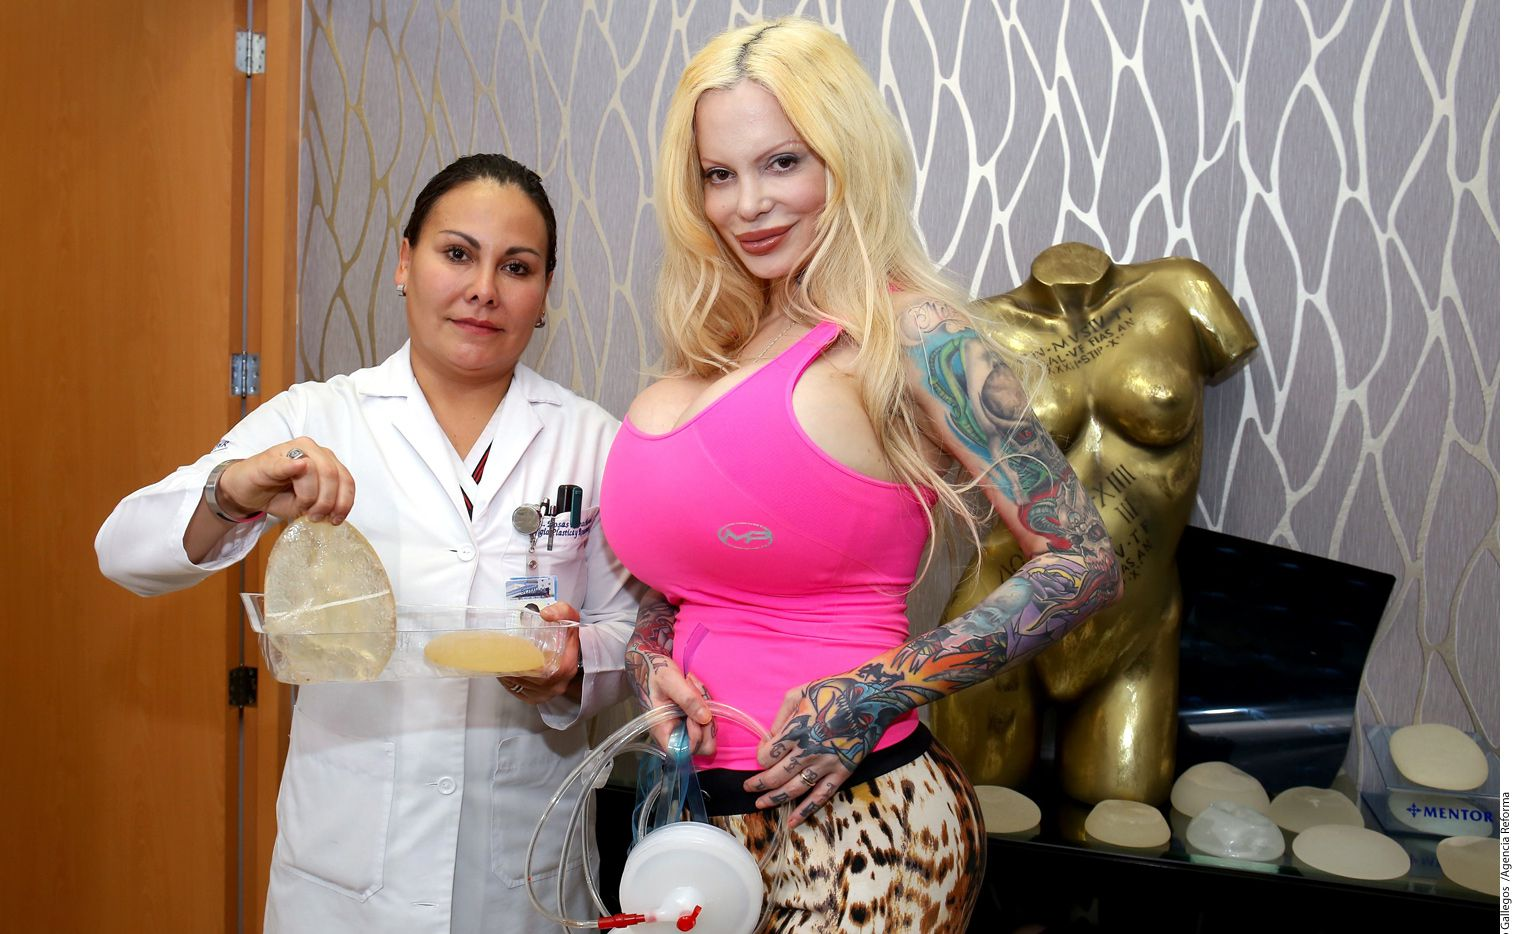 La cirujana dijo que la argentina podría tener secuelas luego de que le pusieran implantes usados en los gluteos./ AGENCIA REFORMA